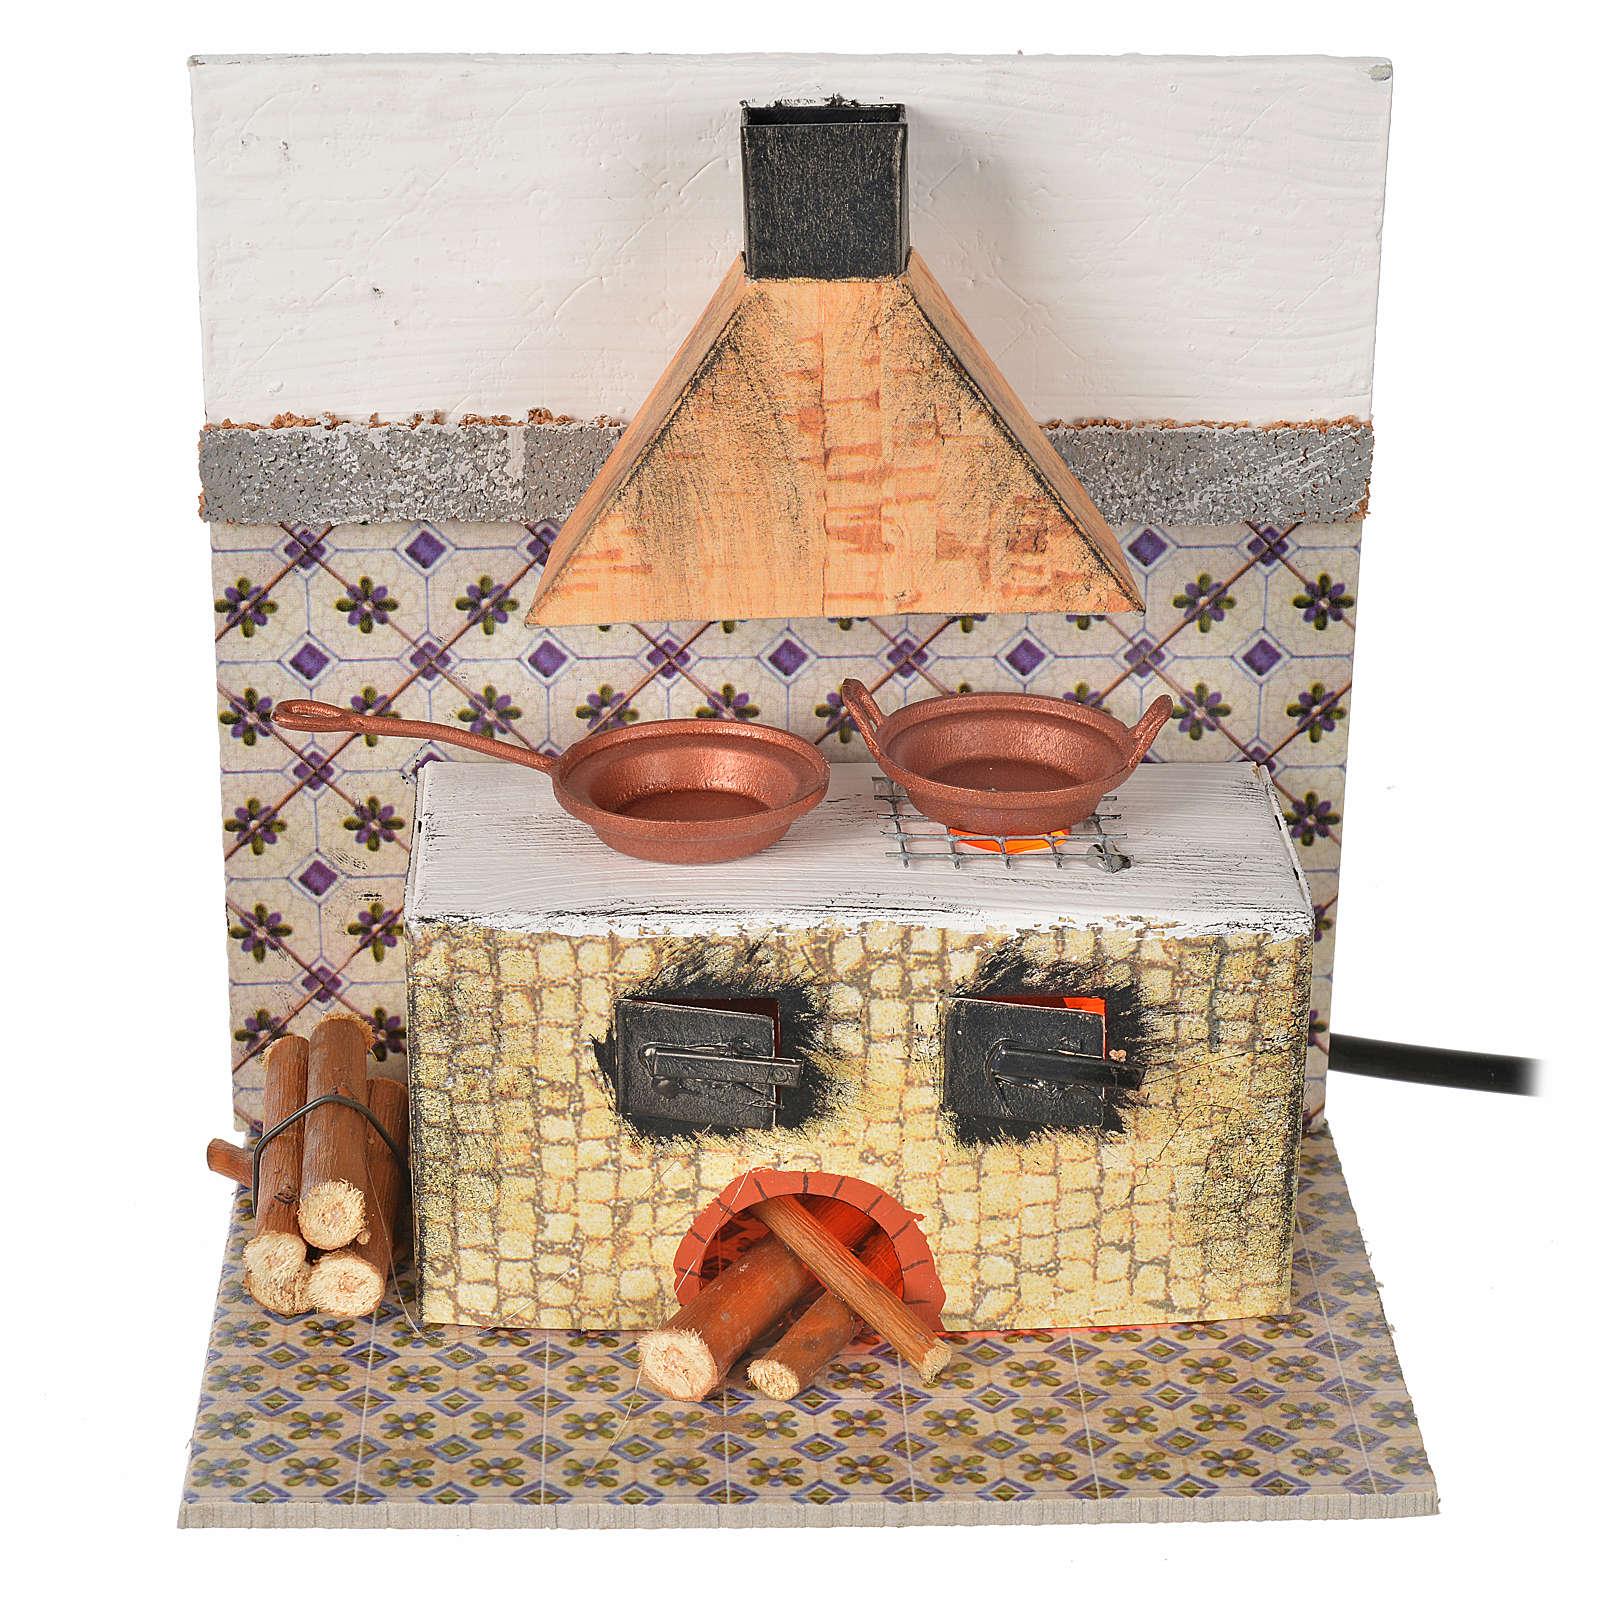 Cucina con lamp. eff. fiamma cm. 15x10x15,5 4